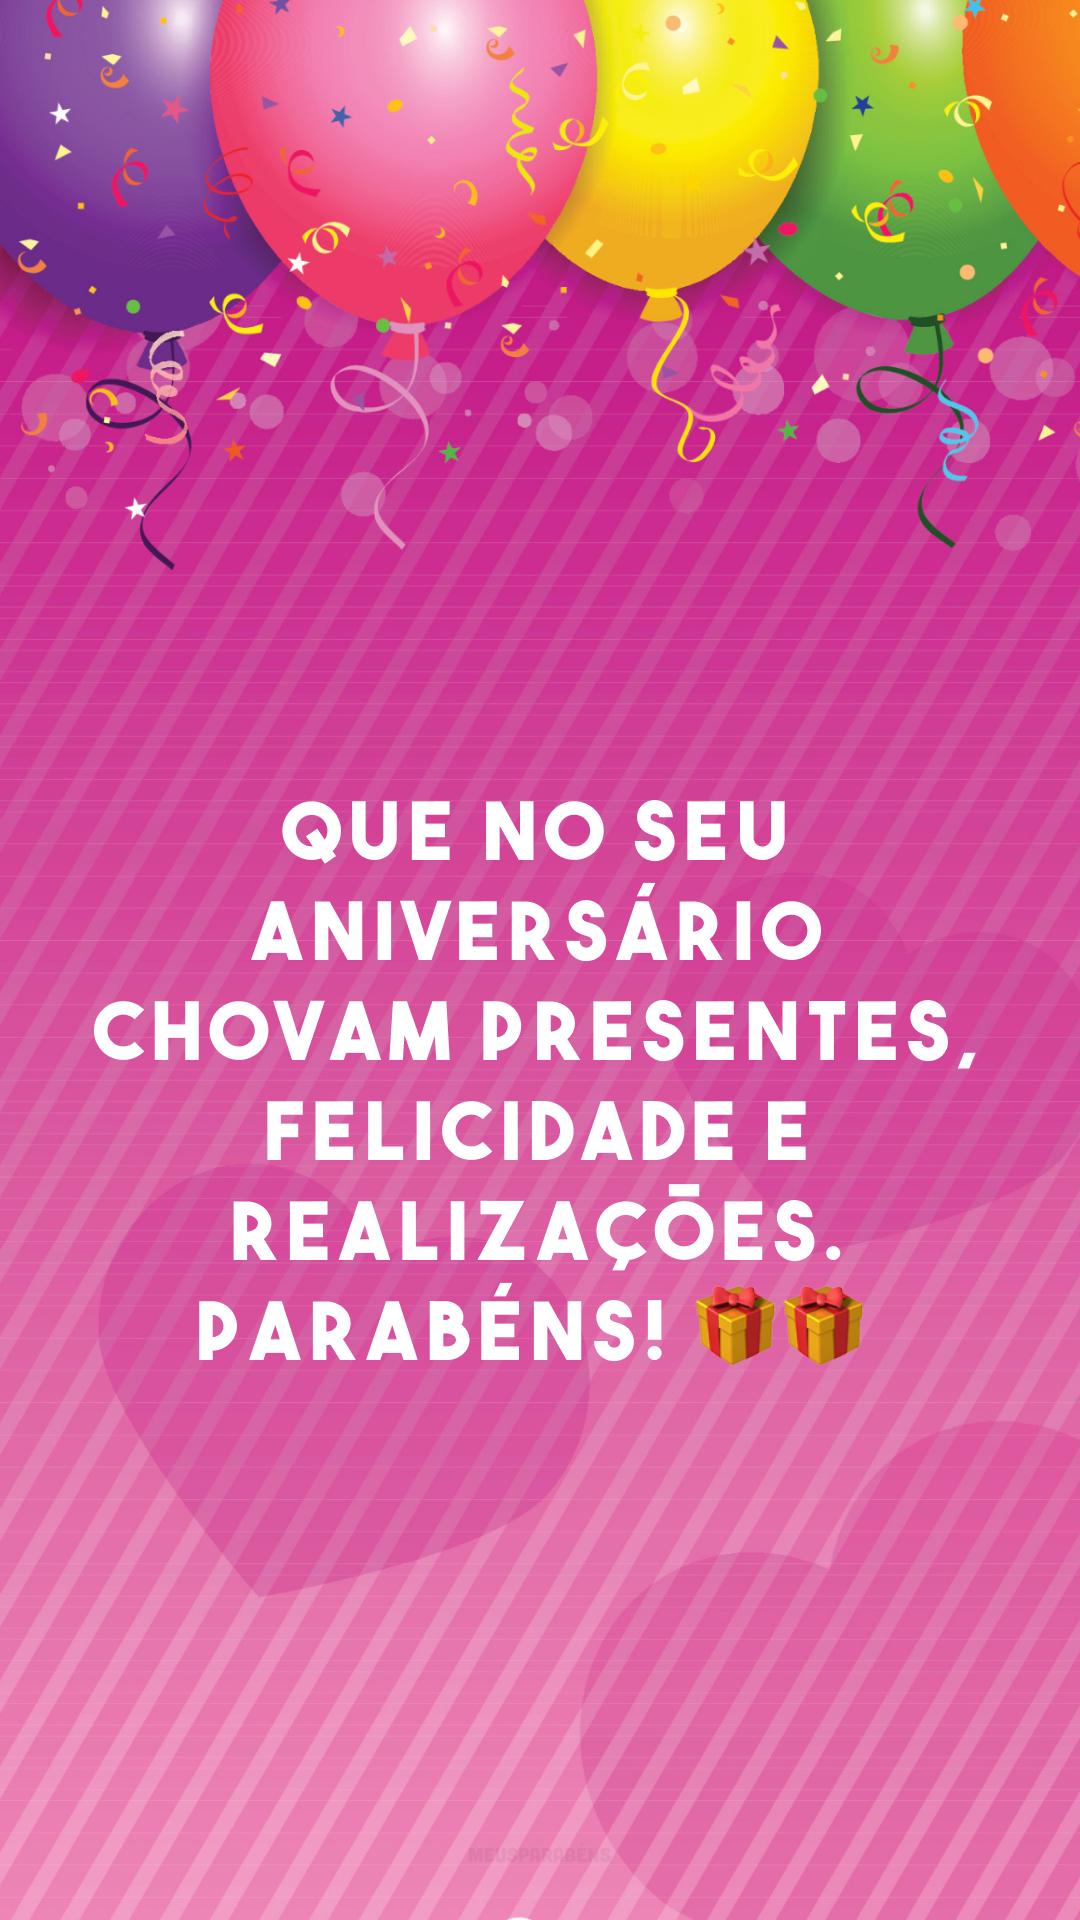 Que no seu aniversário chovam presentes, felicidade e realizações. Parabéns! 🎁🎁<br />